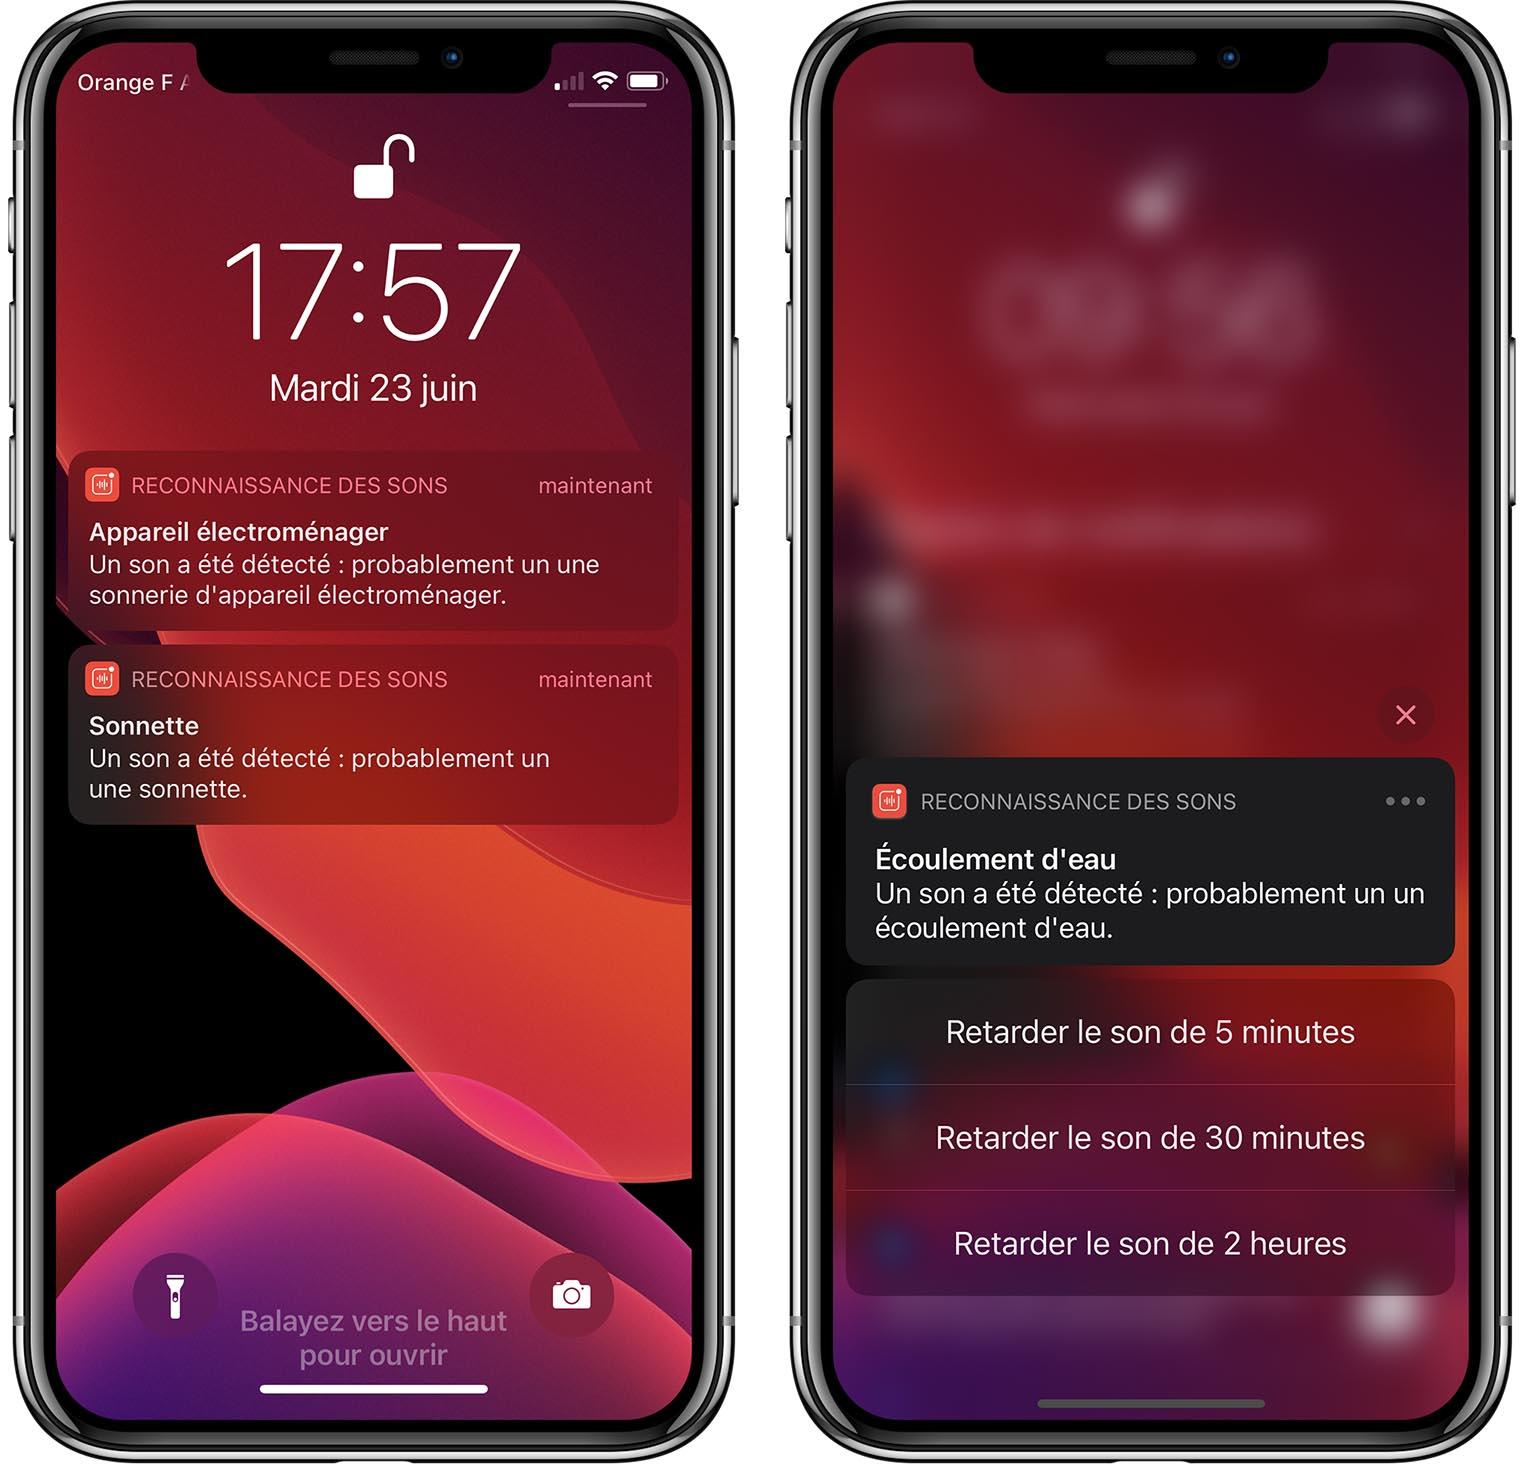 iOS 14 Reconnaissance des sons notification